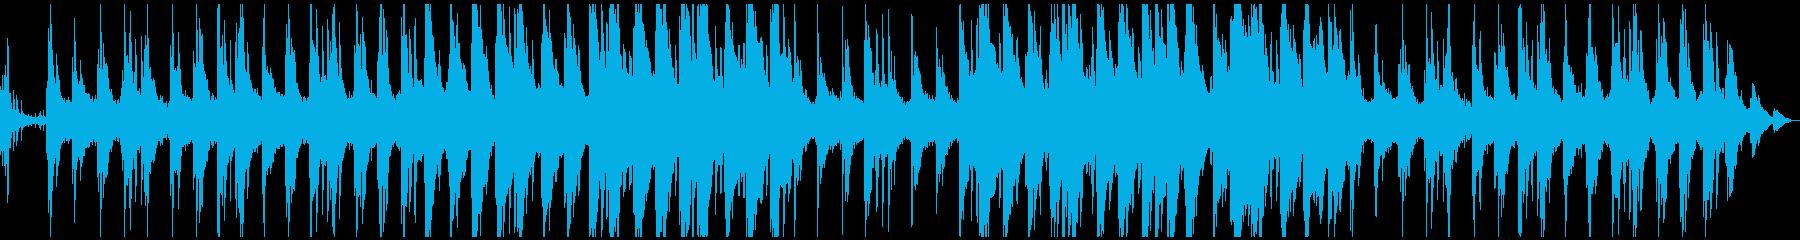 ピアノと自然の音が心地よいサウンドの再生済みの波形